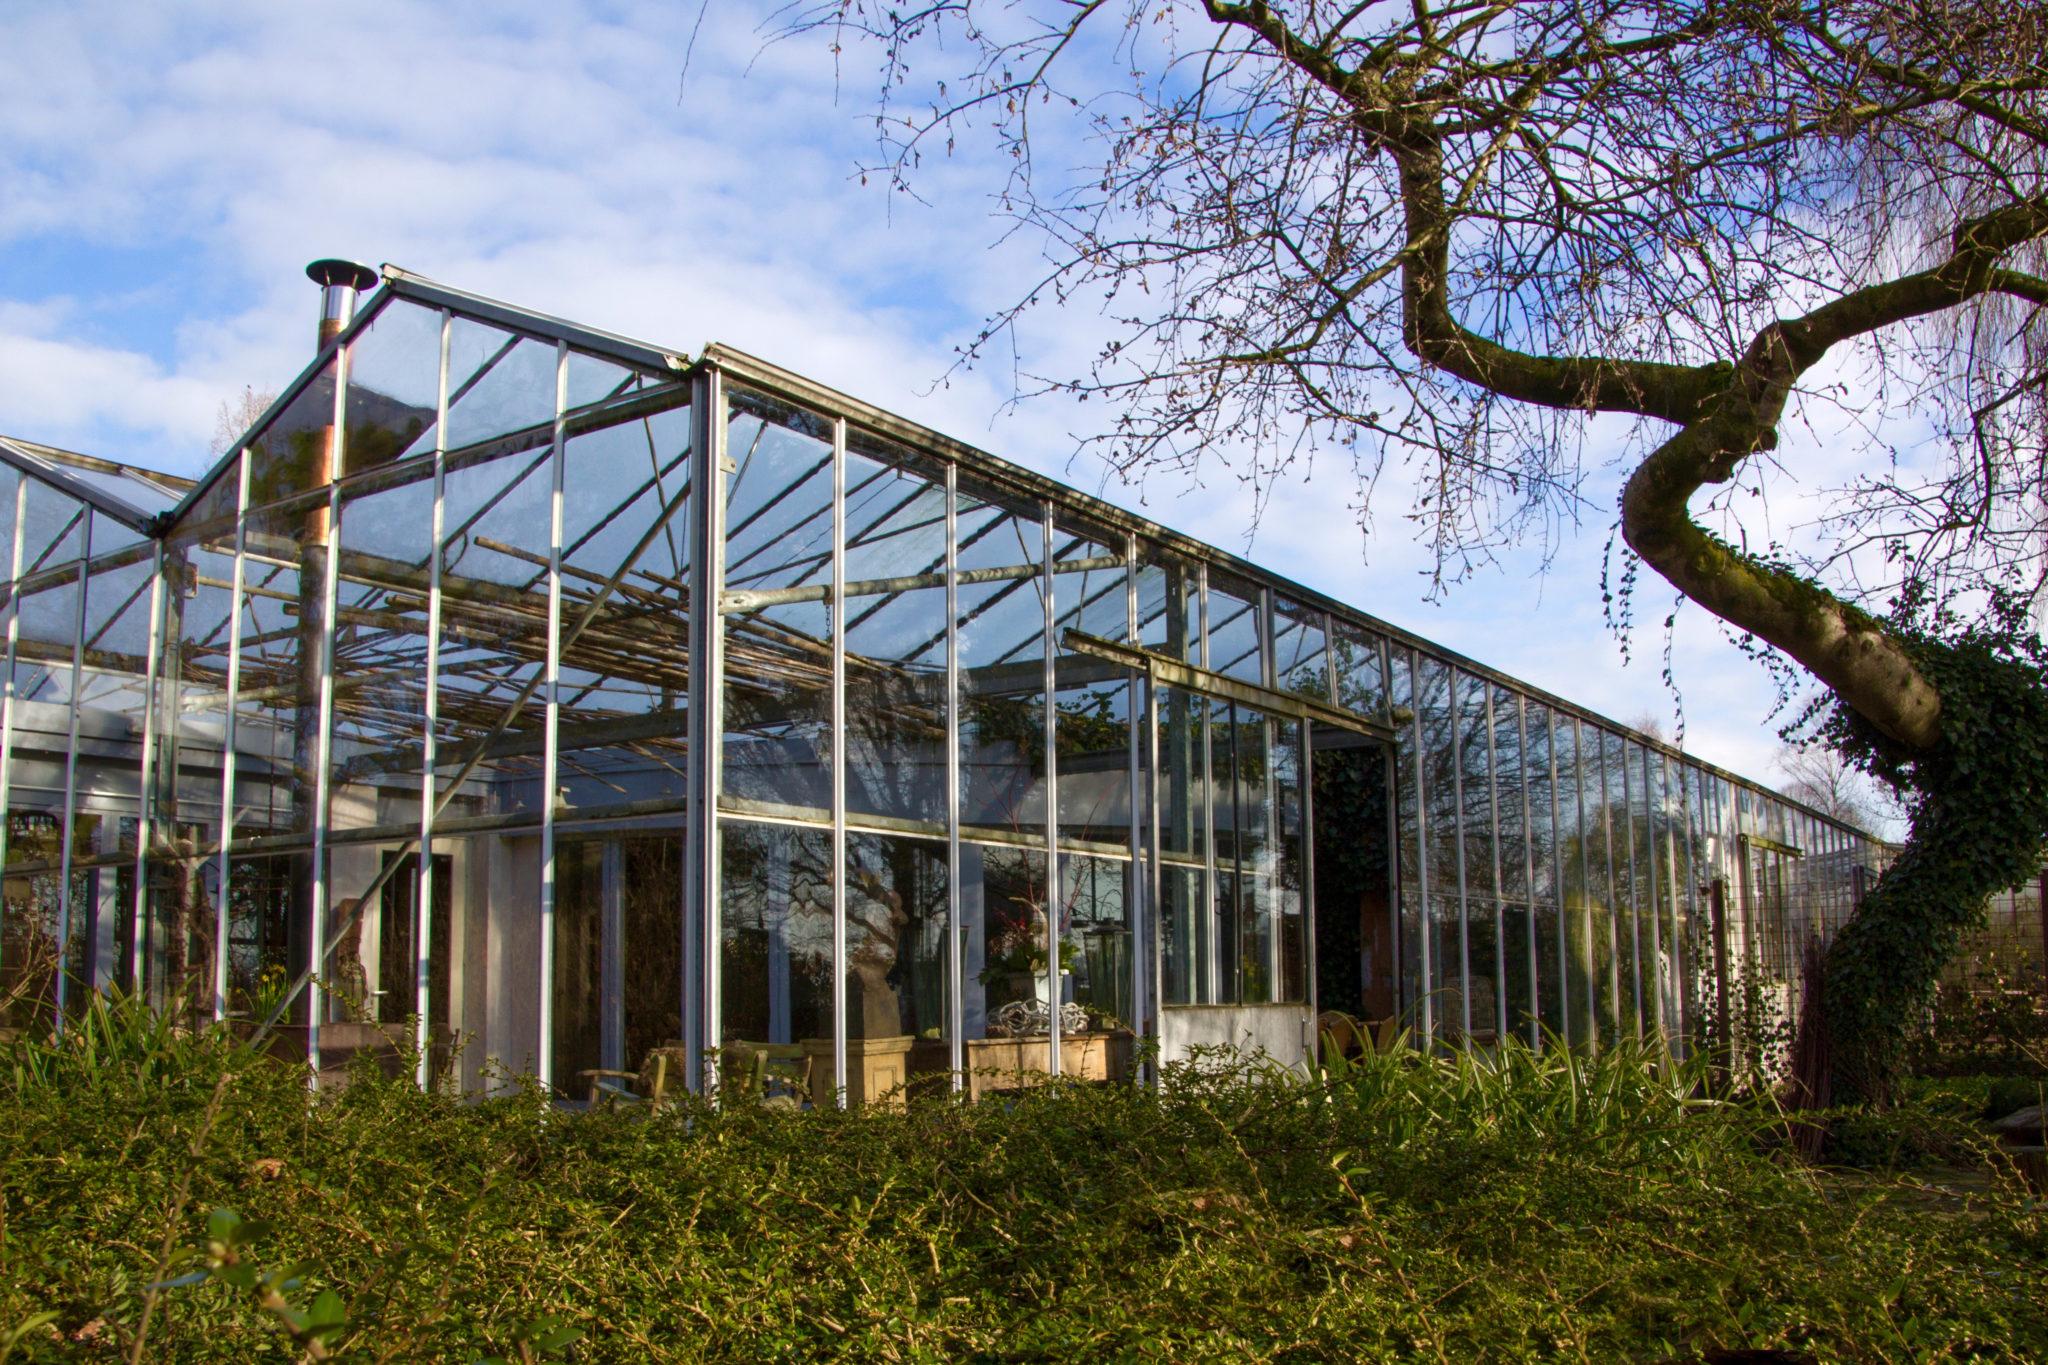 vergaderlocatie apeldoorn het glazen huis